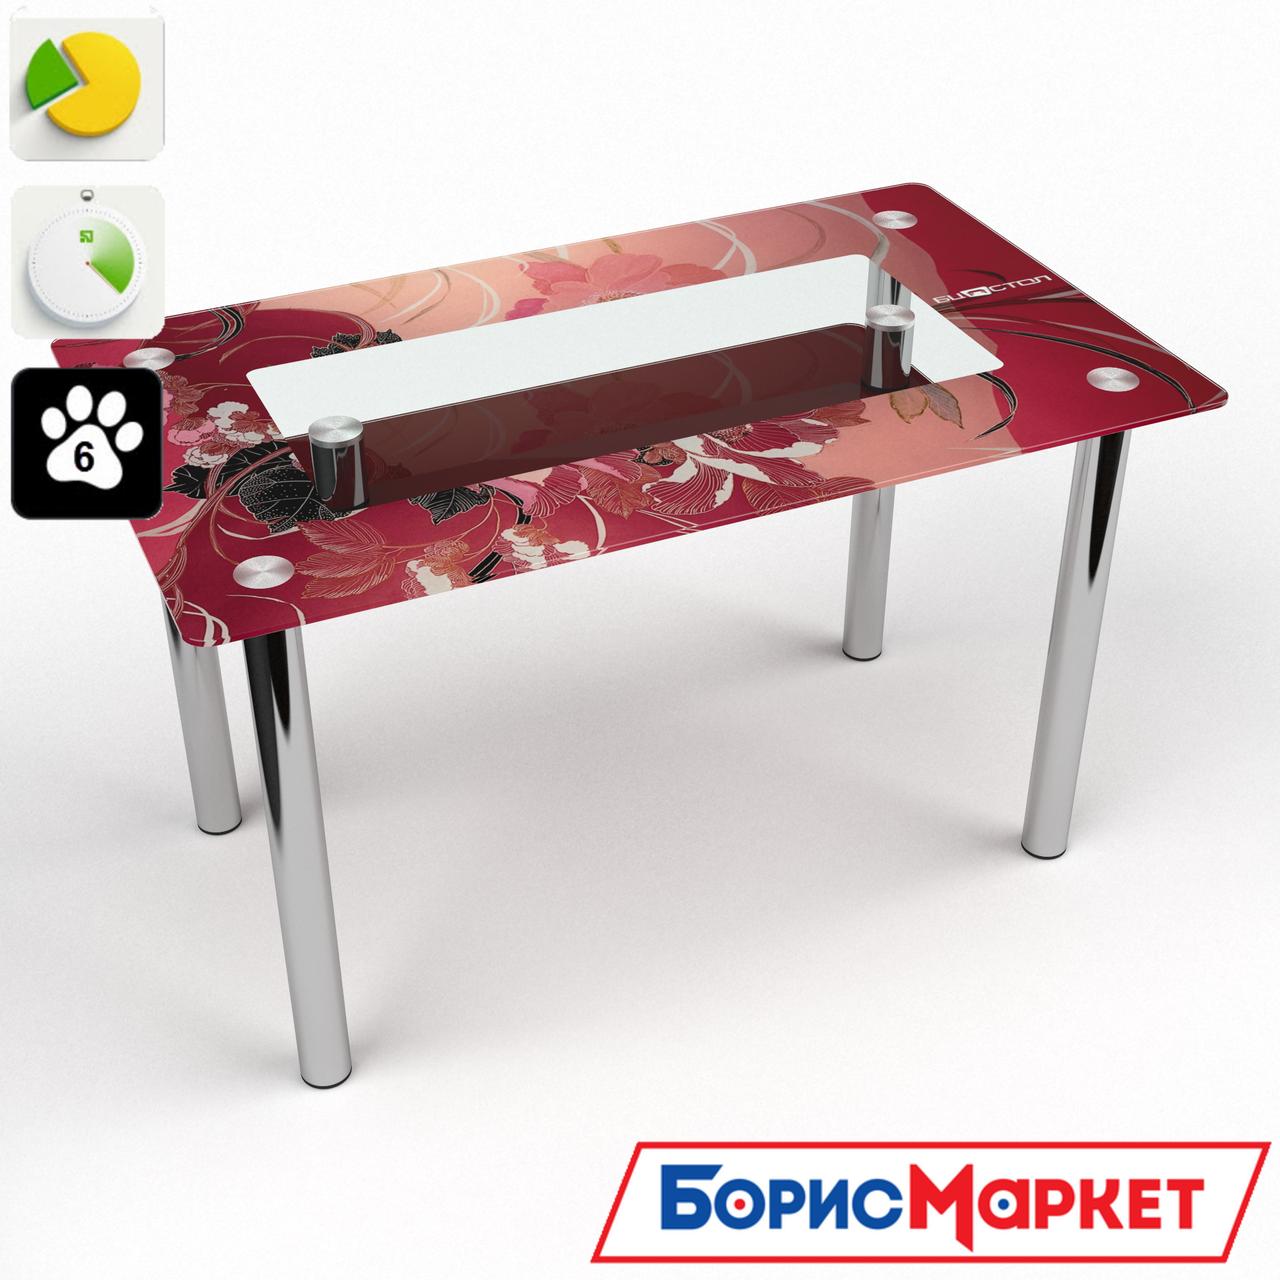 Обеденный стол стеклянный (фотопечать) Прямоугольный с полкой  Fiori rossi от БЦ-Стол